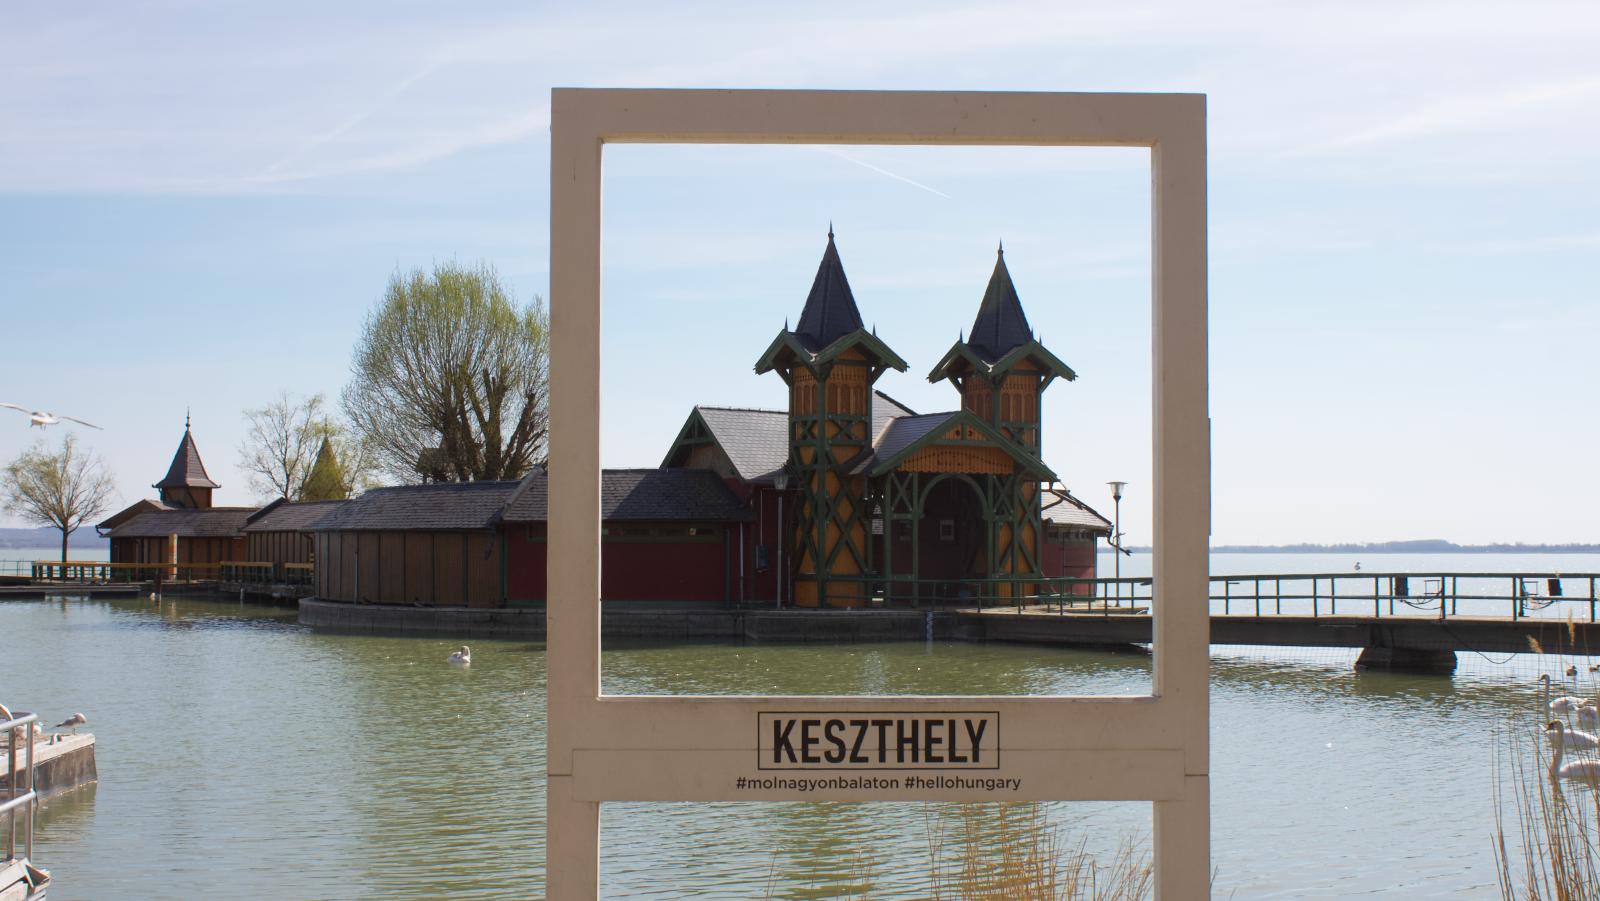 Schönster Strand am Plattensee entsteht in Keszthely